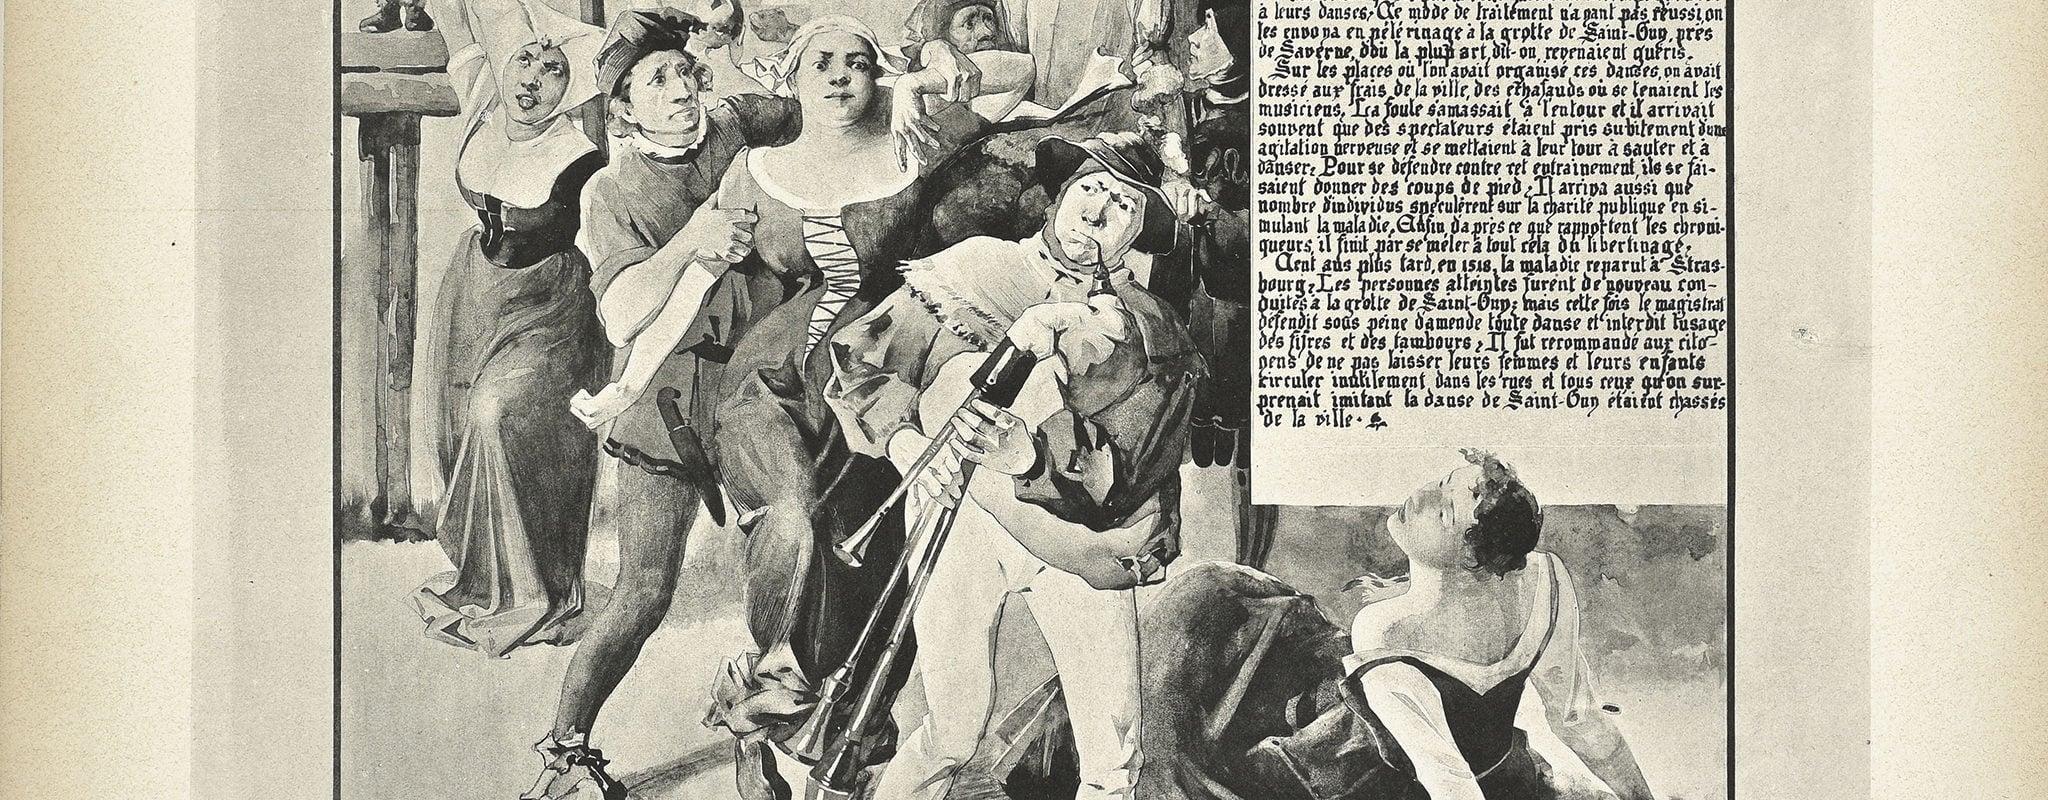 Strasbourg célèbre et se penche sur l'étrange épidémie de danse de 1518